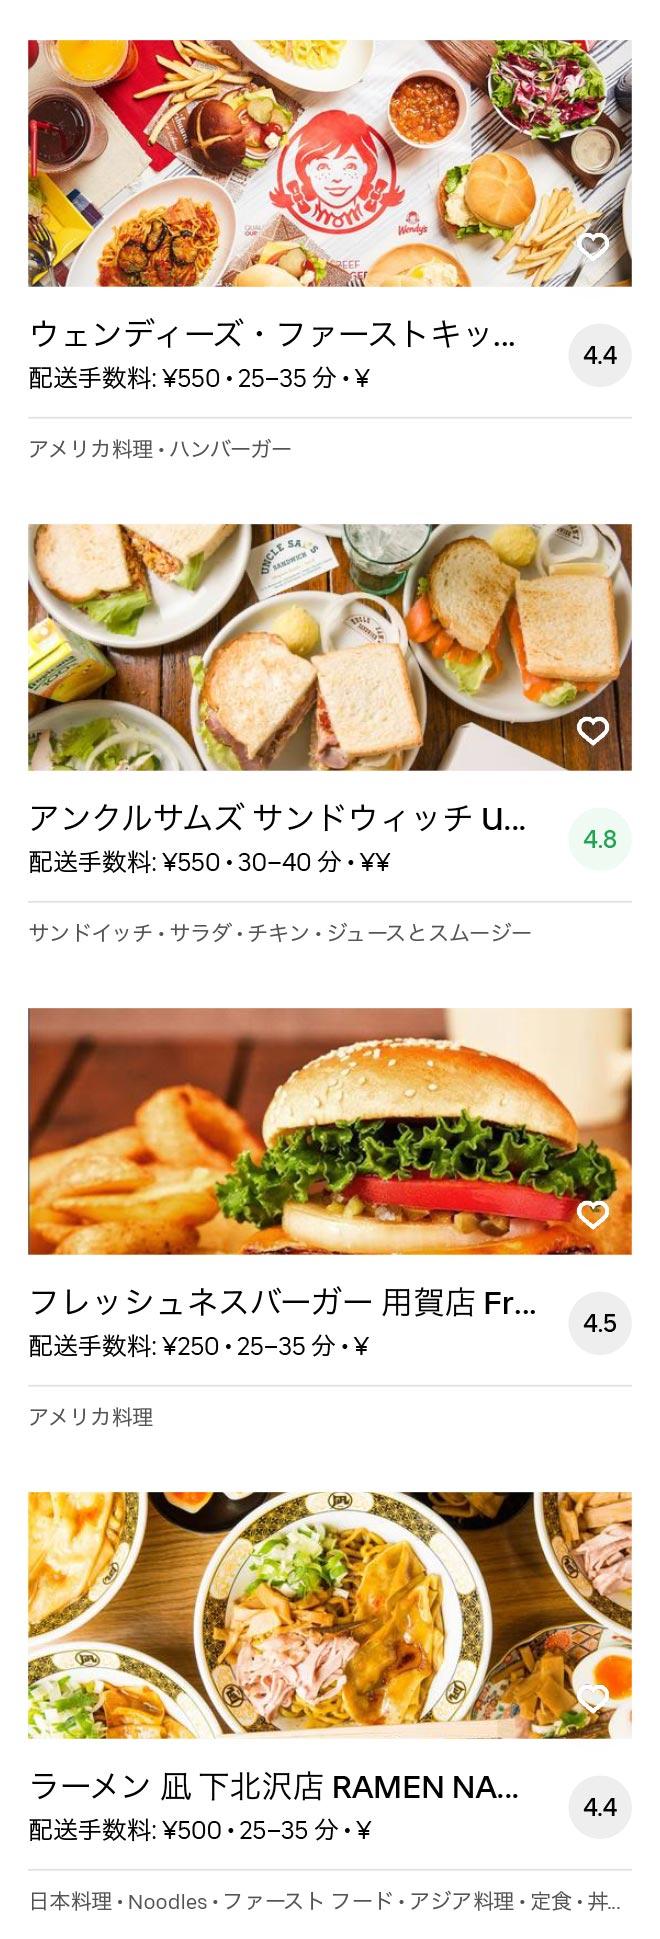 Tokyo kyodo menu 2005 11